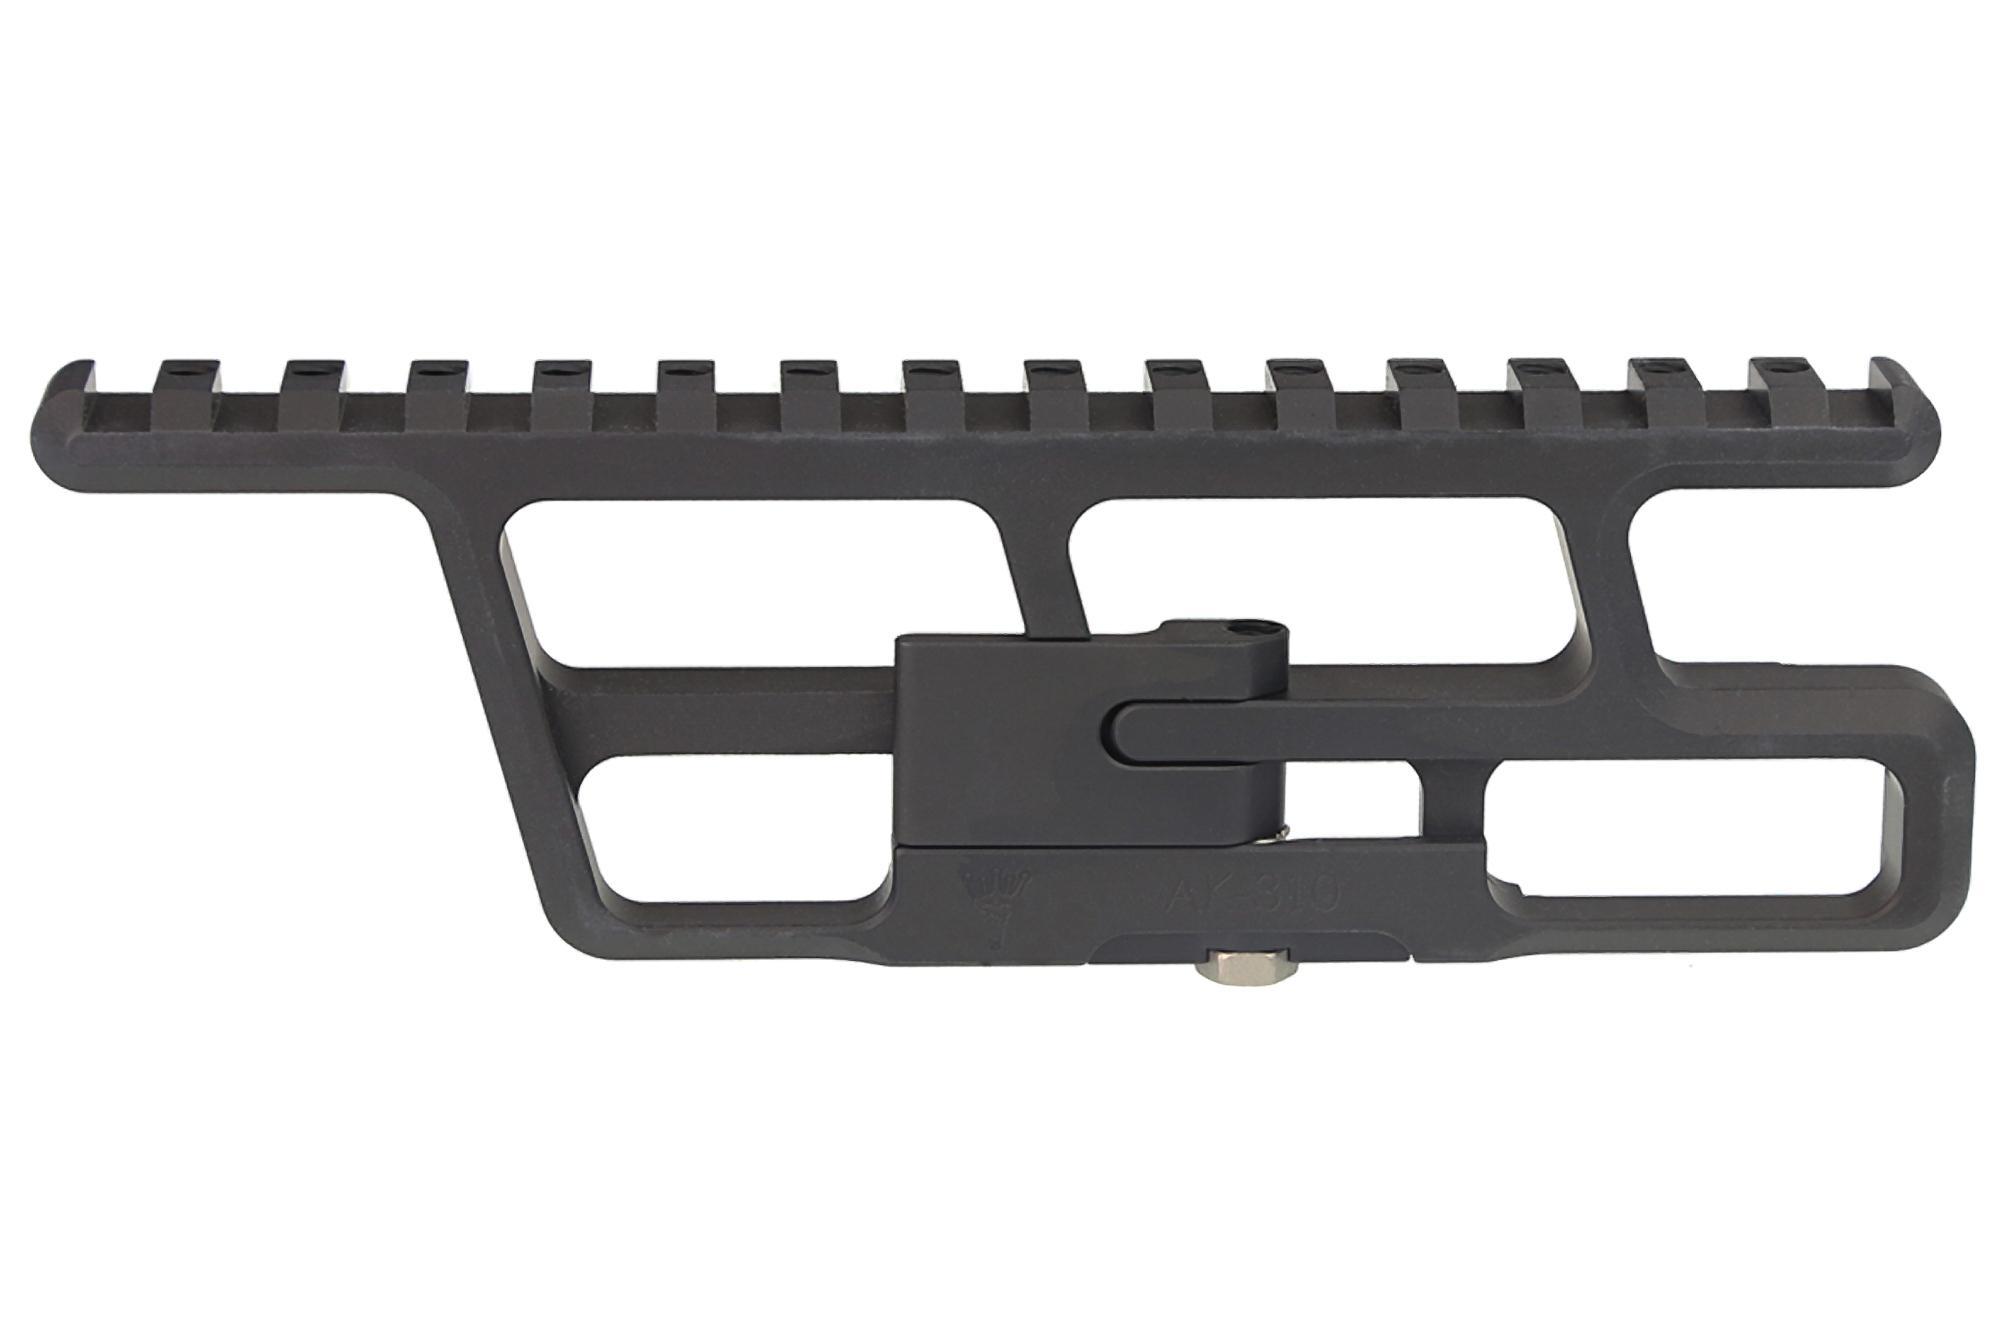 RS Regulate AK-307M Full-Length Lower Scope Rail - Yugo